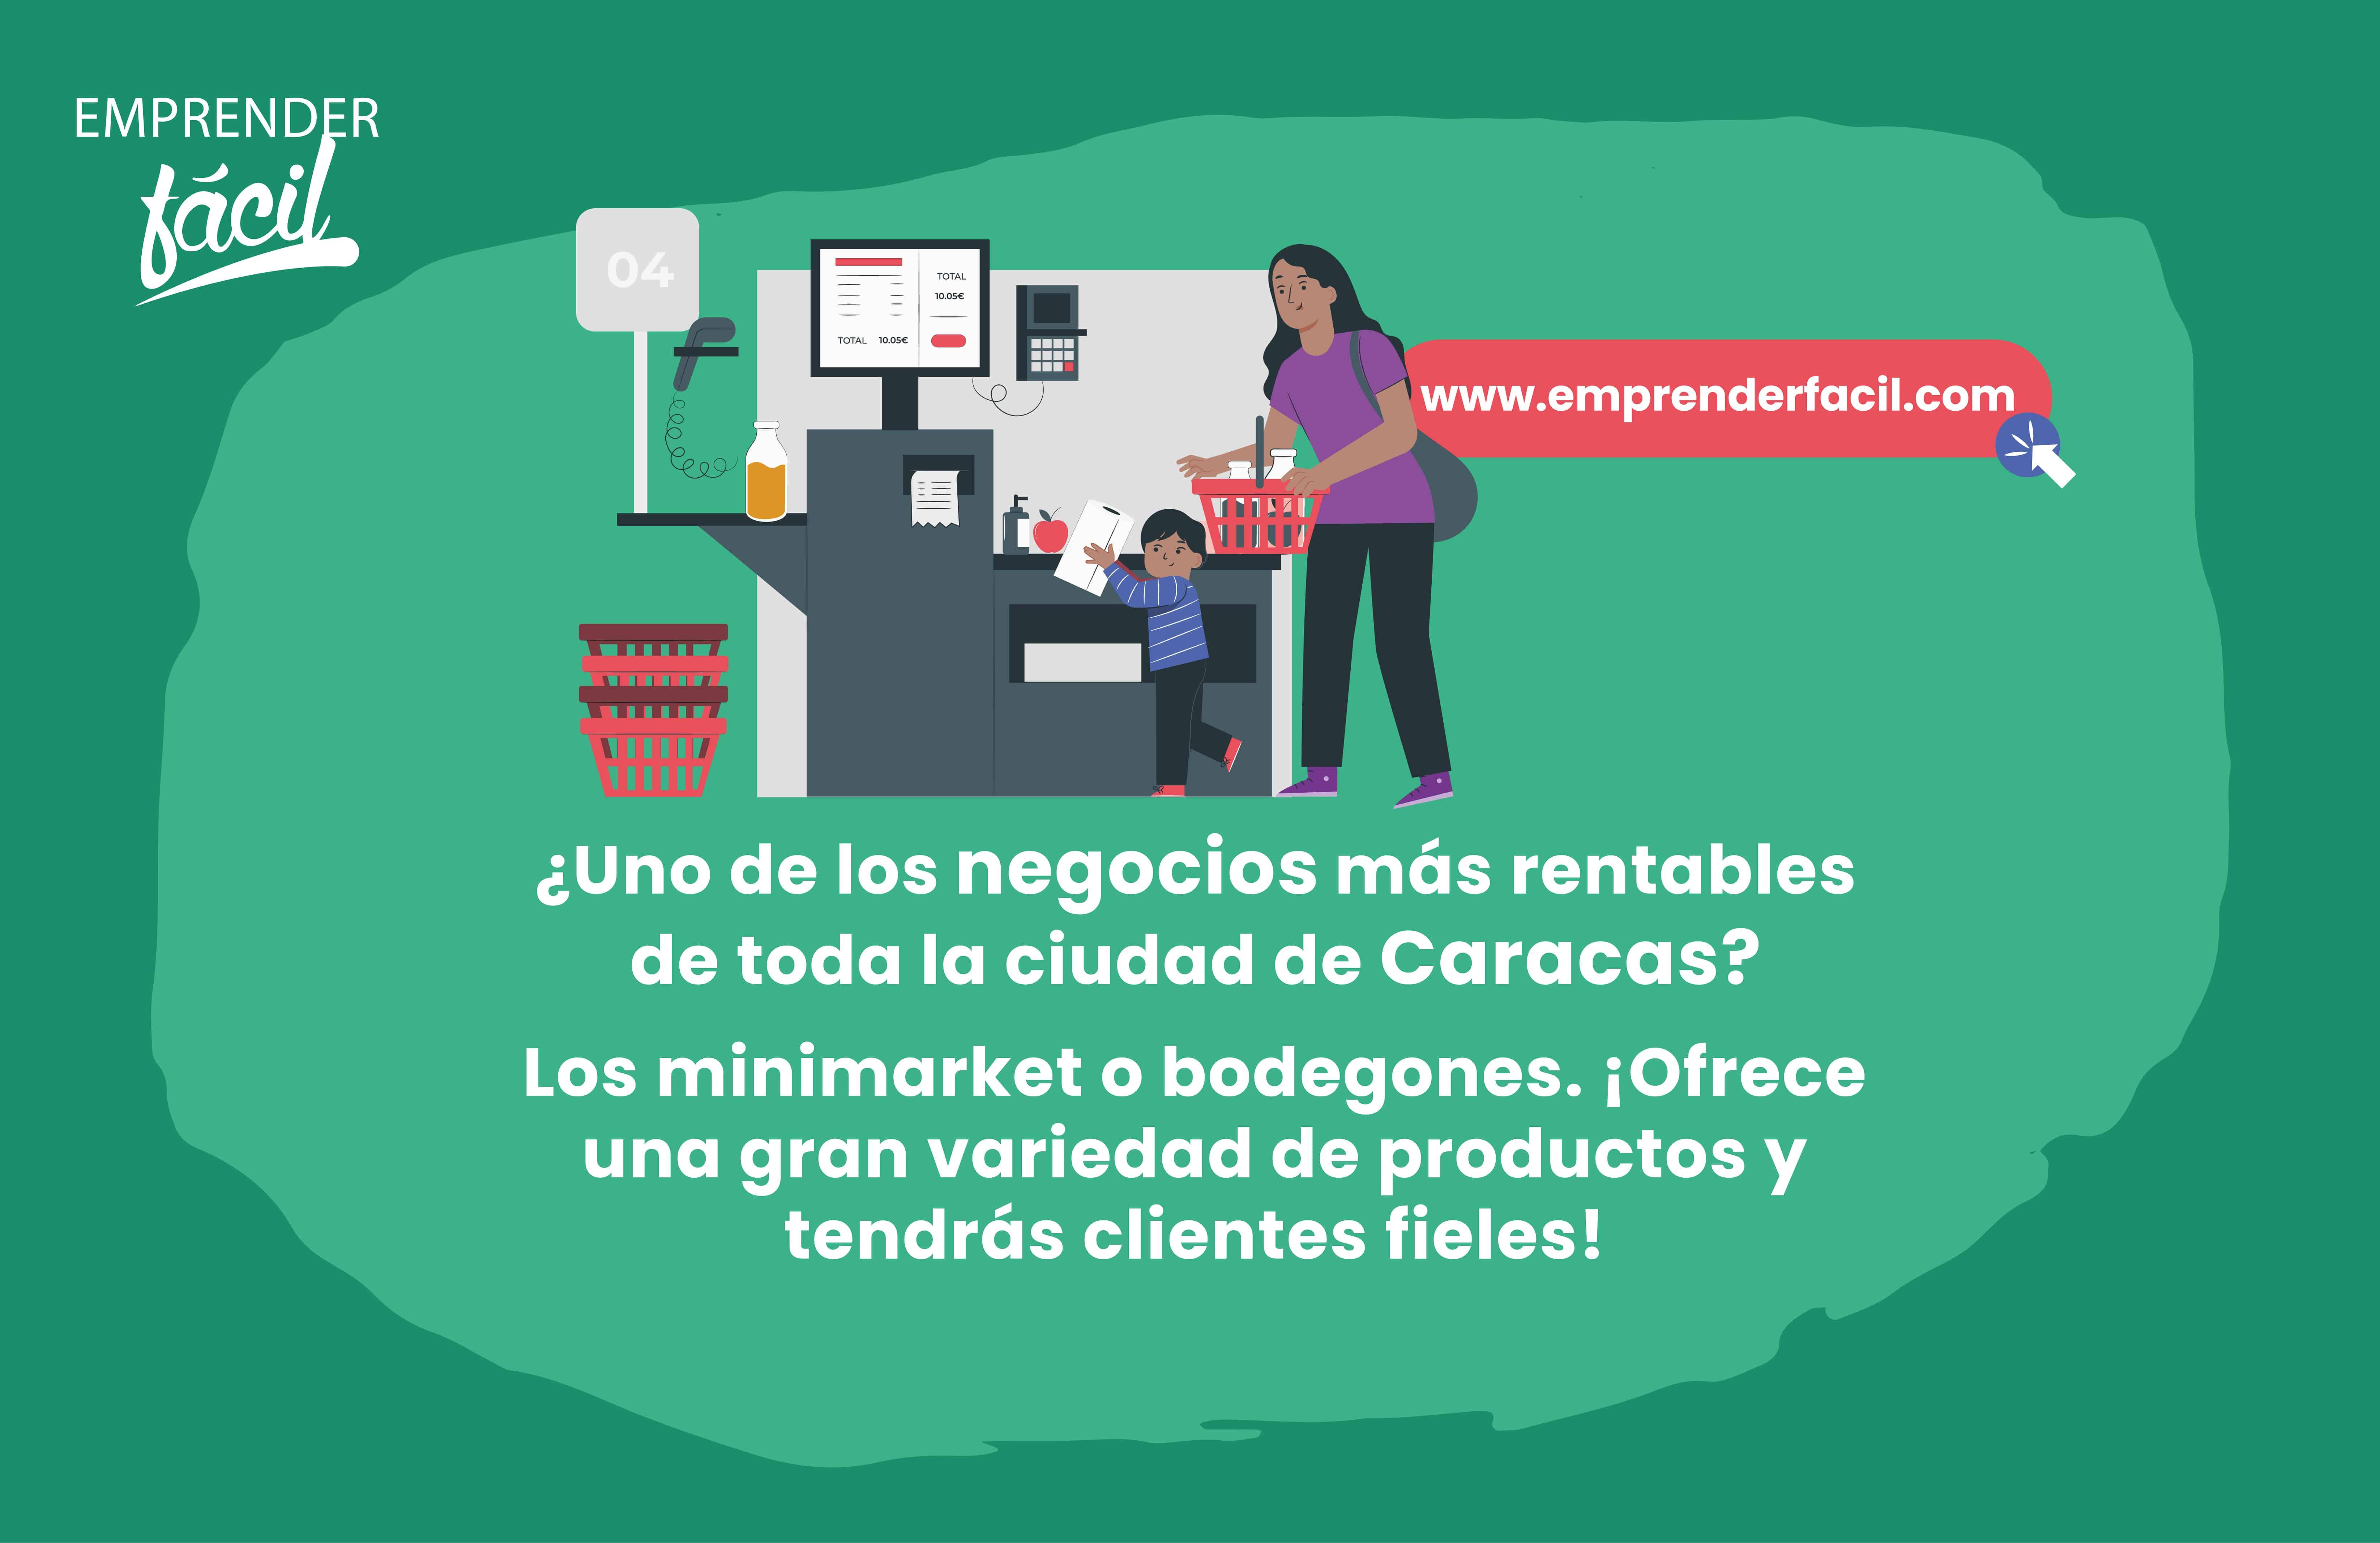 Los minimarkets son negocios rentables en Caracas